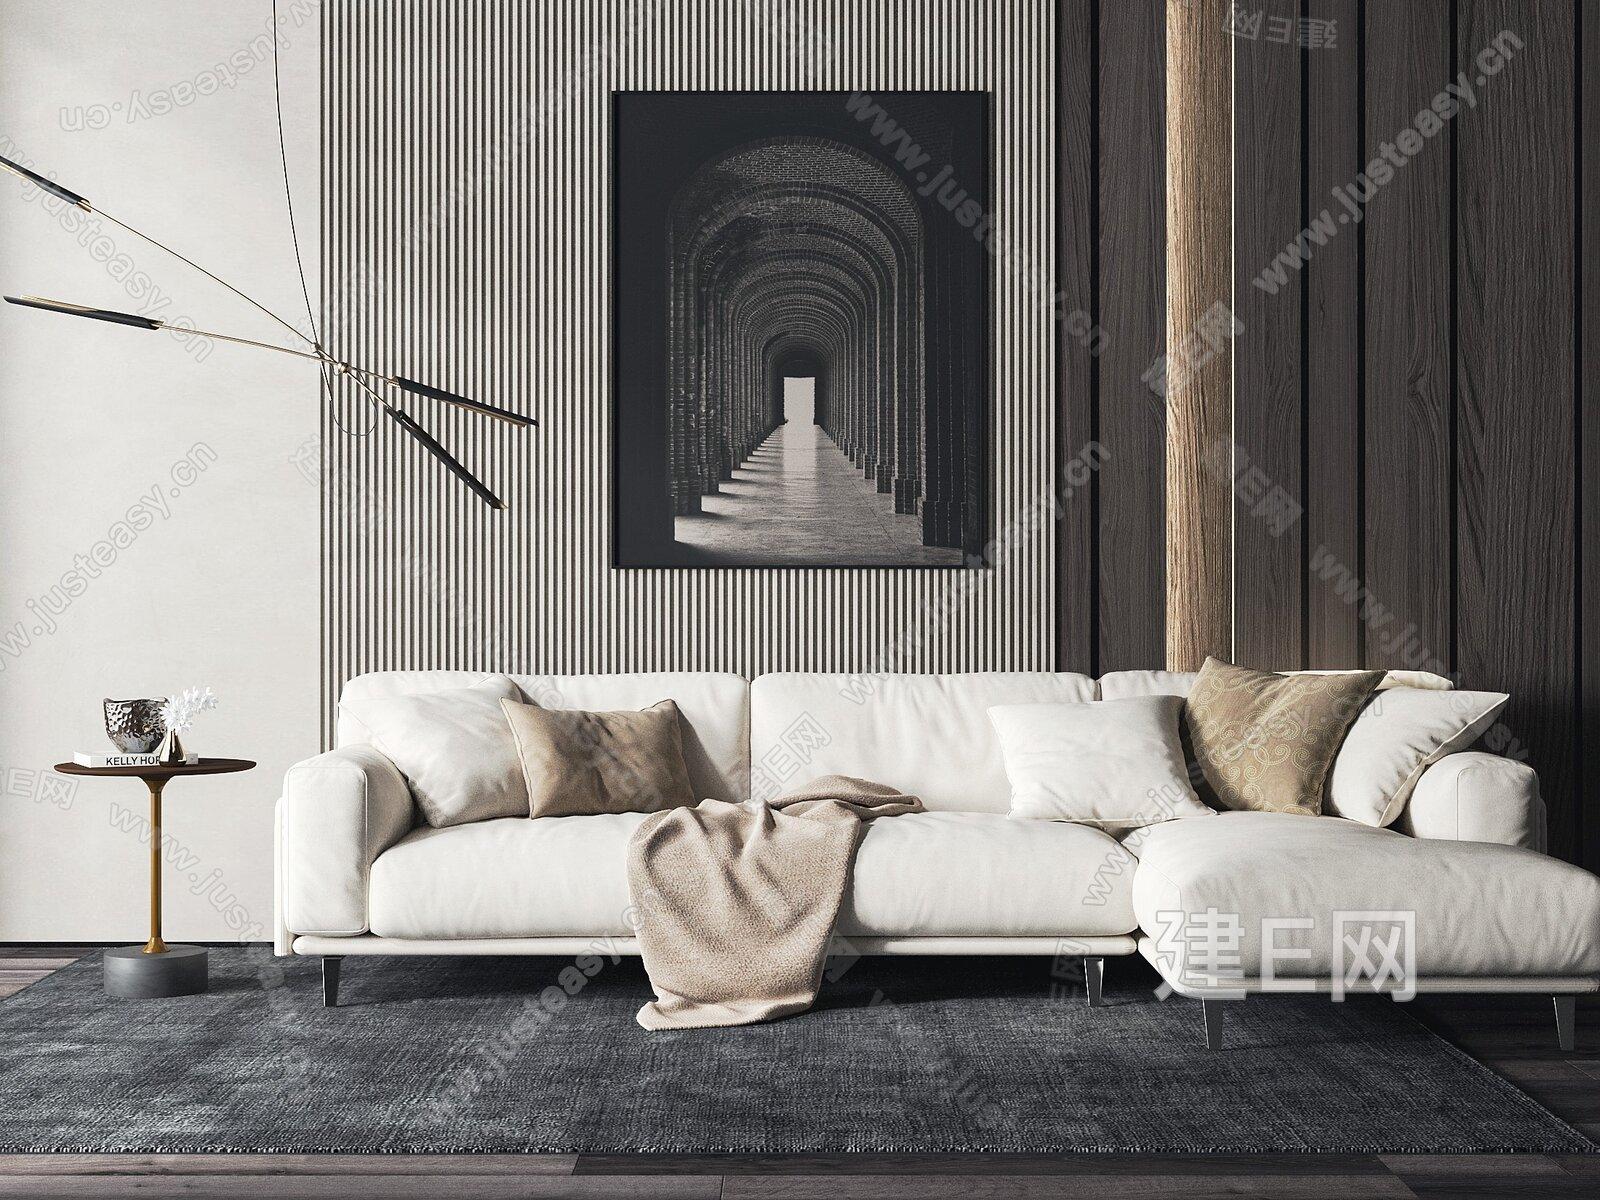 Arflex 现代多人沙发3d模型